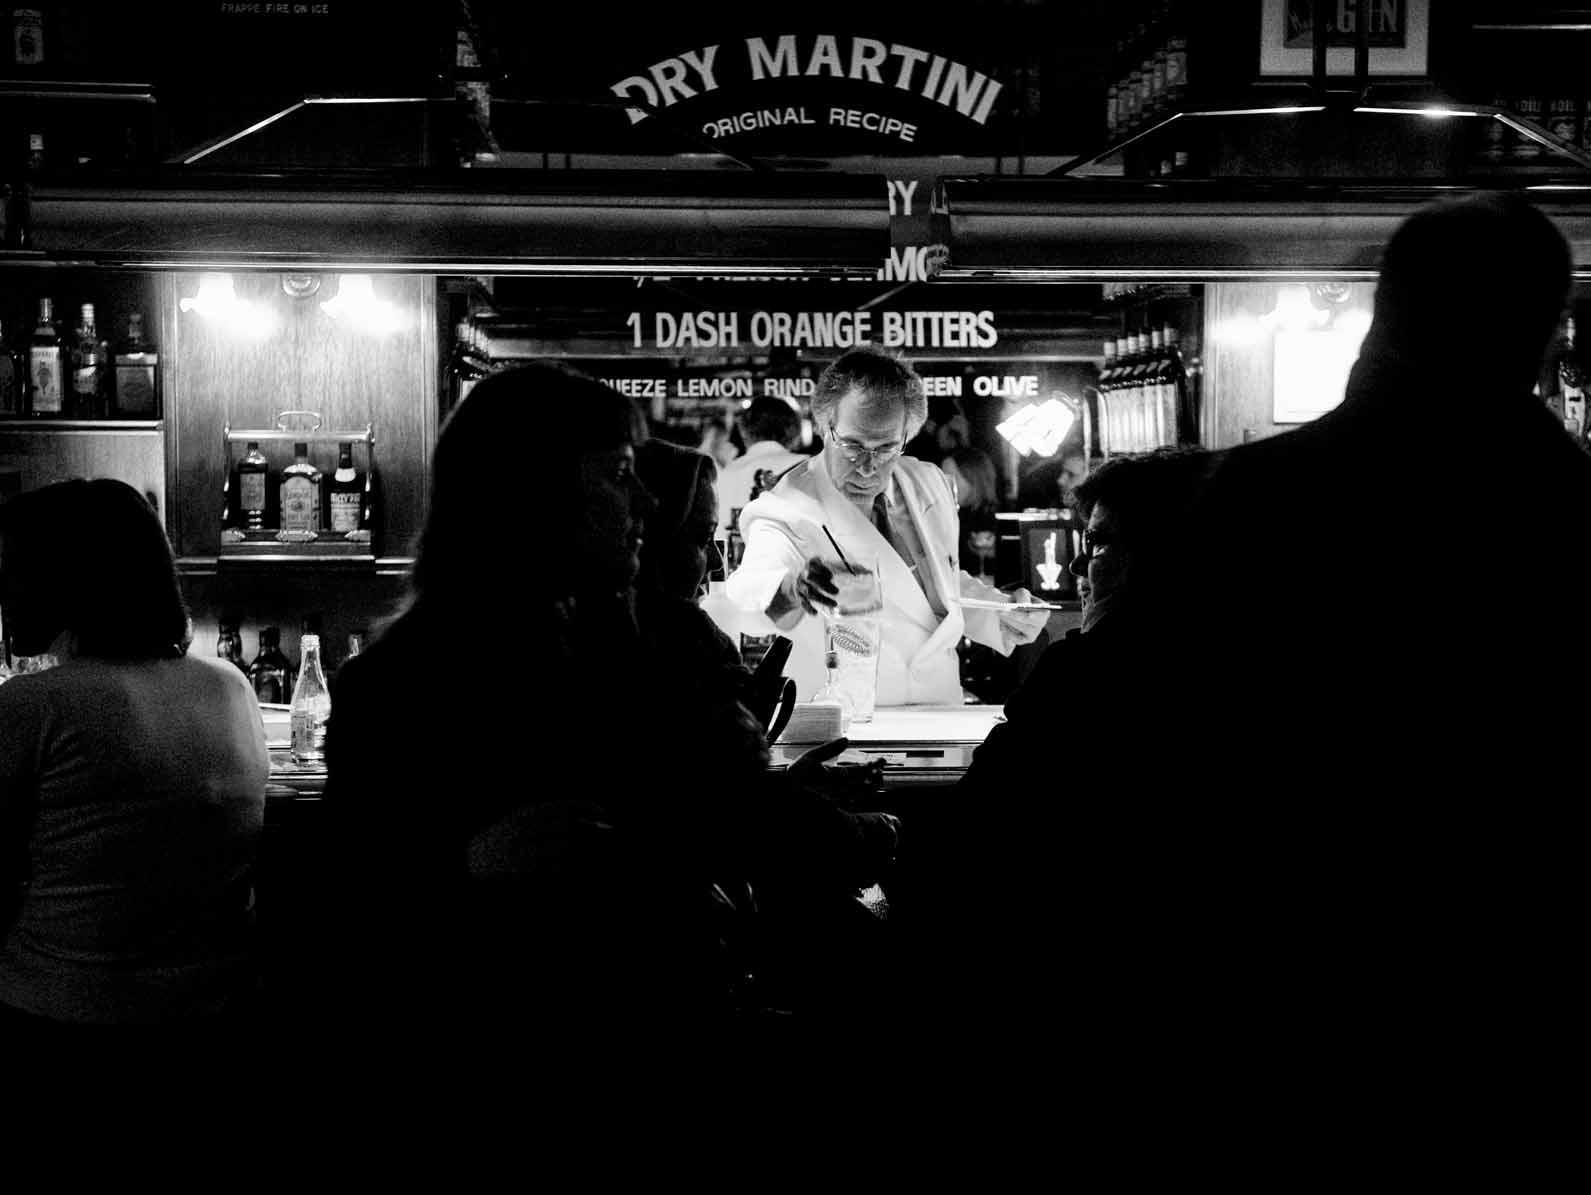 dry-martini-cocktail-bar-restaurant-speakeasy-7